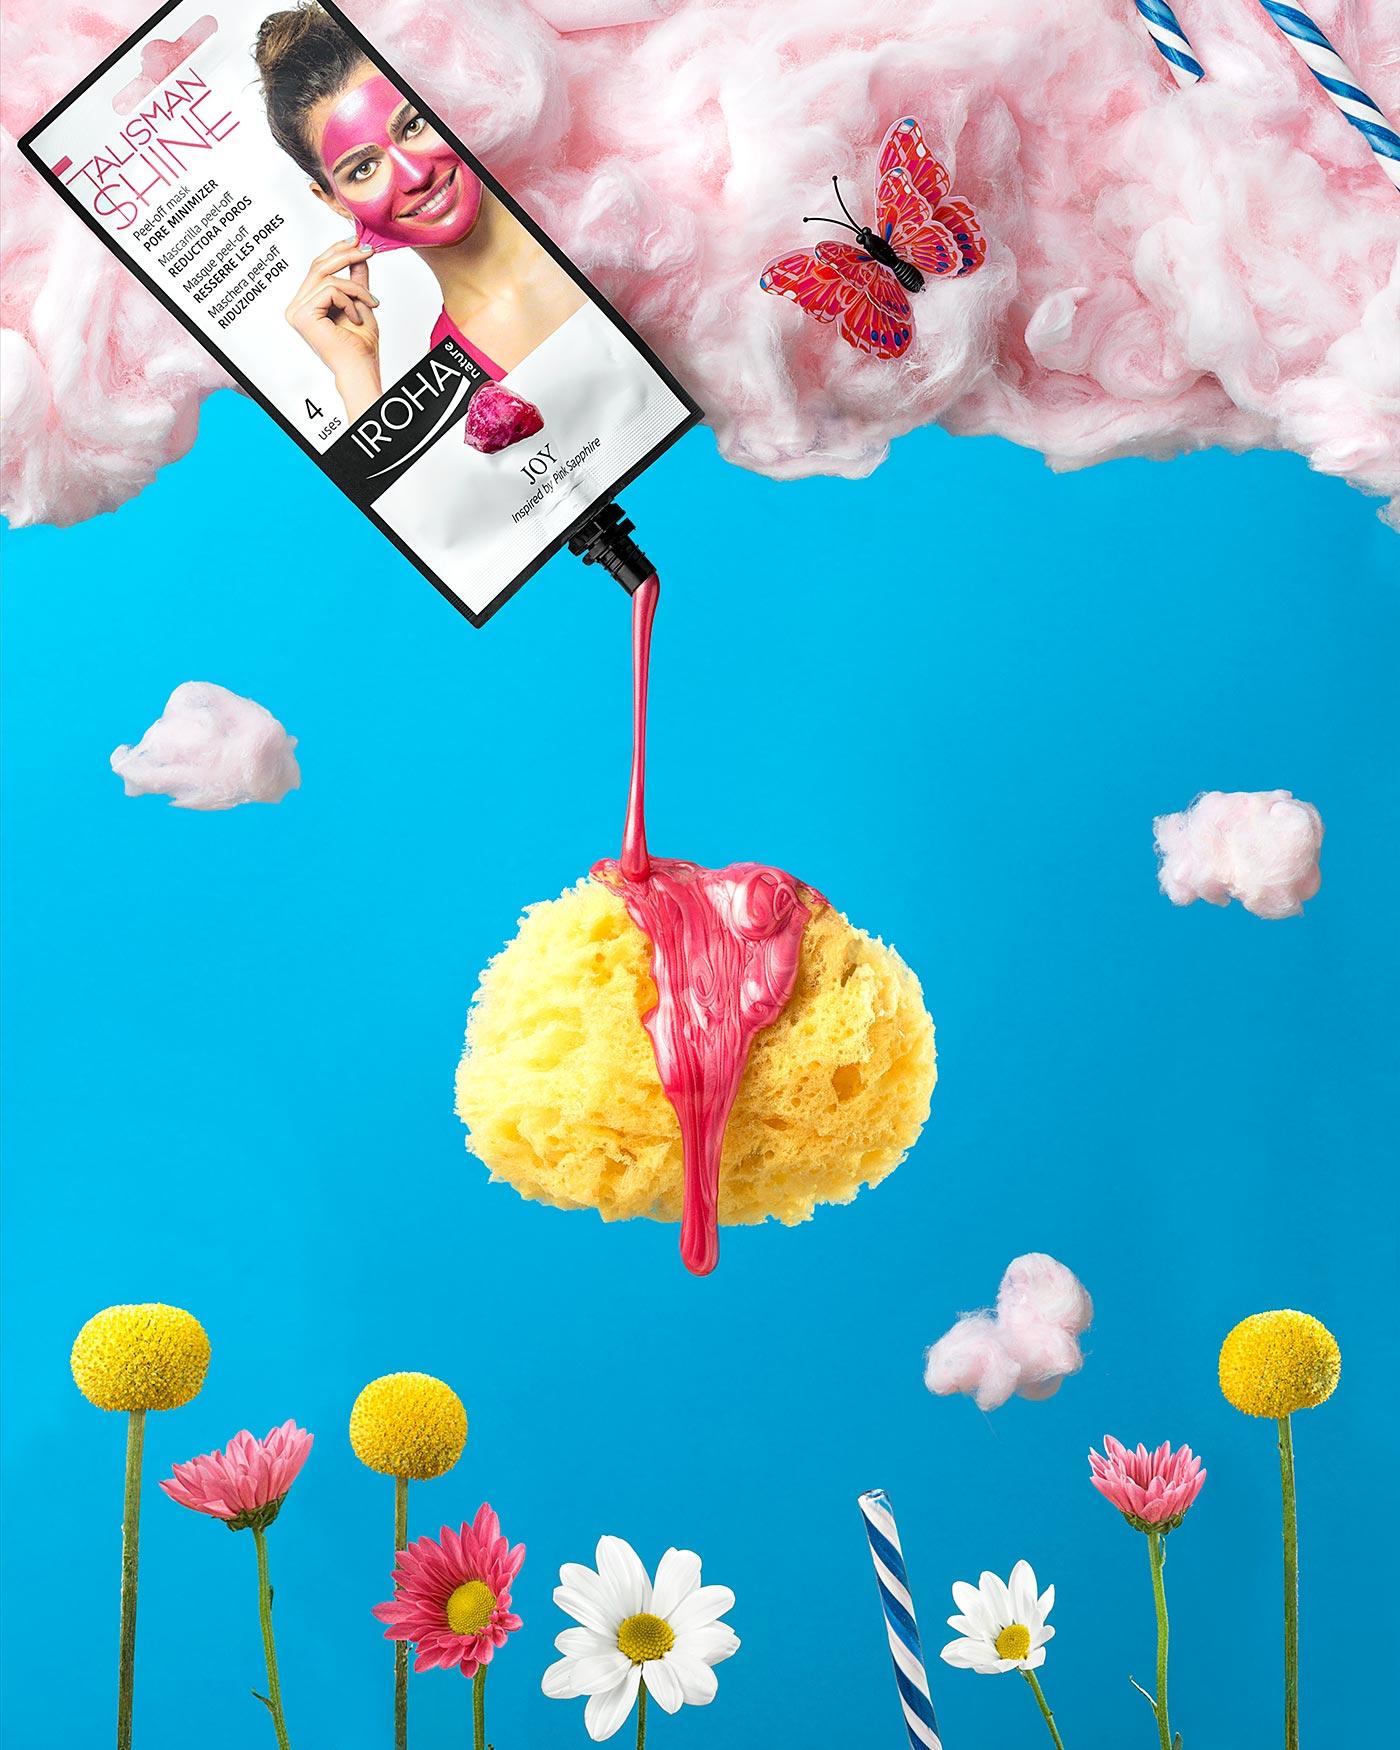 Funtastic Spring! - Fotografía para campaña publicitaria - Mascarilla Peel Off Joy